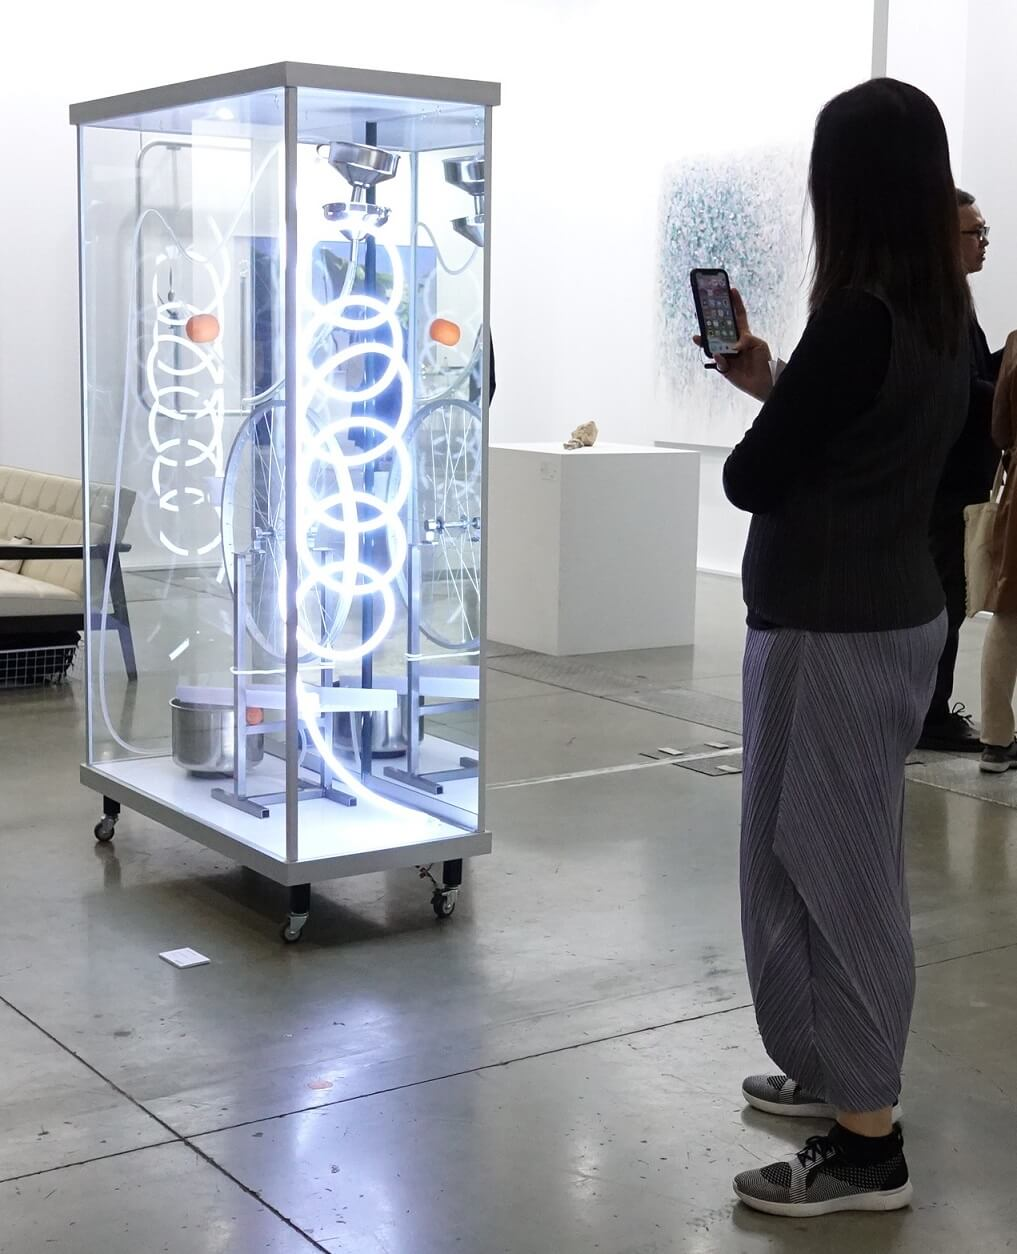 2020 台北當代藝術博覽會(TAIPEI DANGDAI):亞洲畫廊以高度藝術價值呼應國際趨勢!